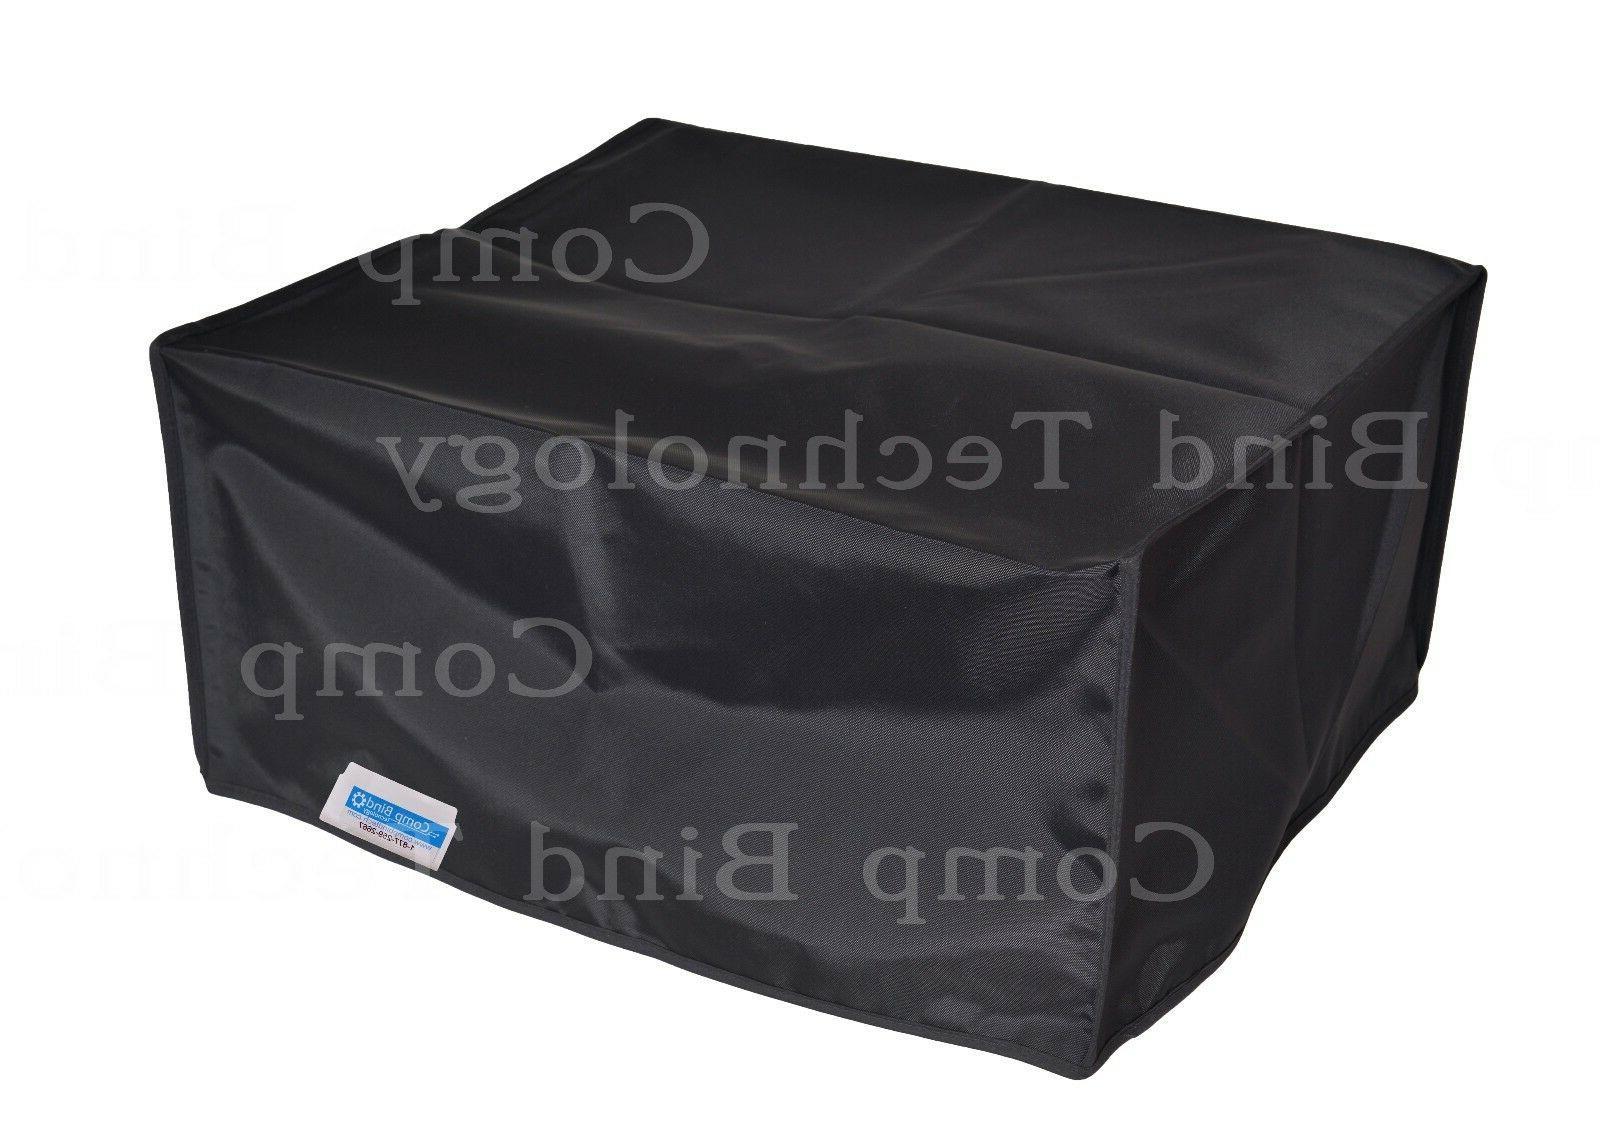 pixma tr8520 wireless printer black nylon cover